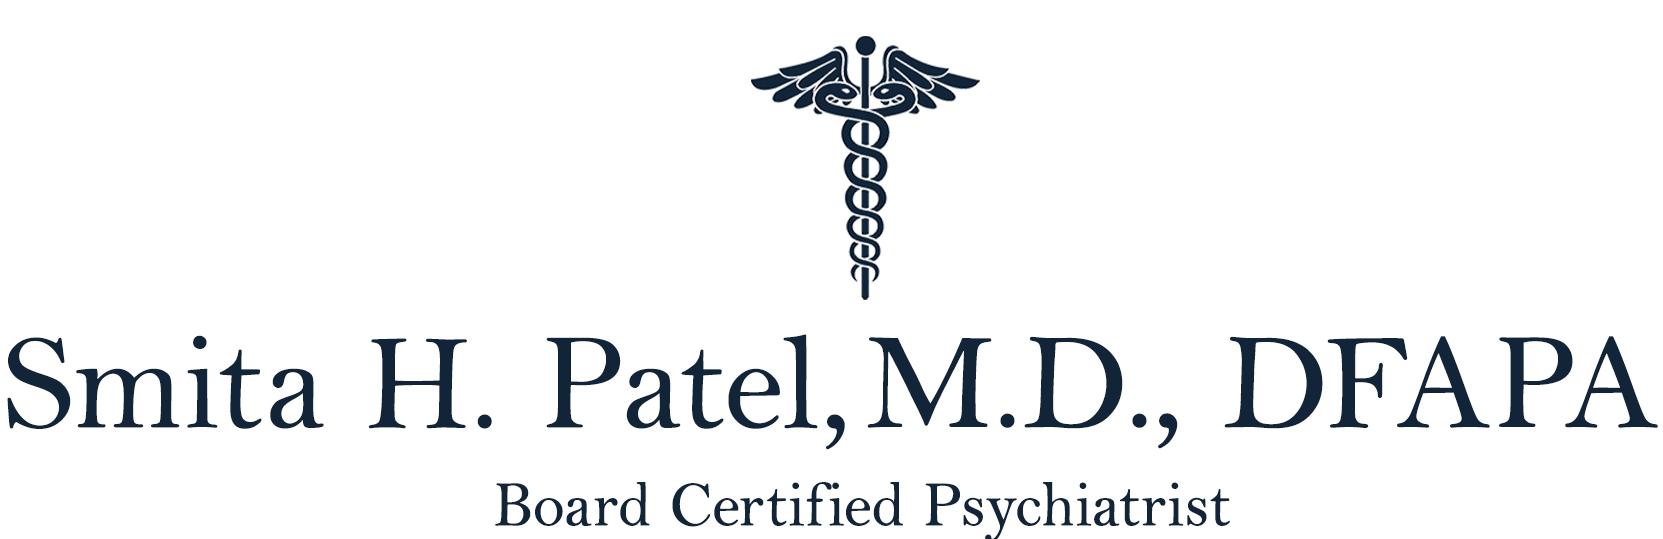 Dr. Smita Patel, MD, DFAPA